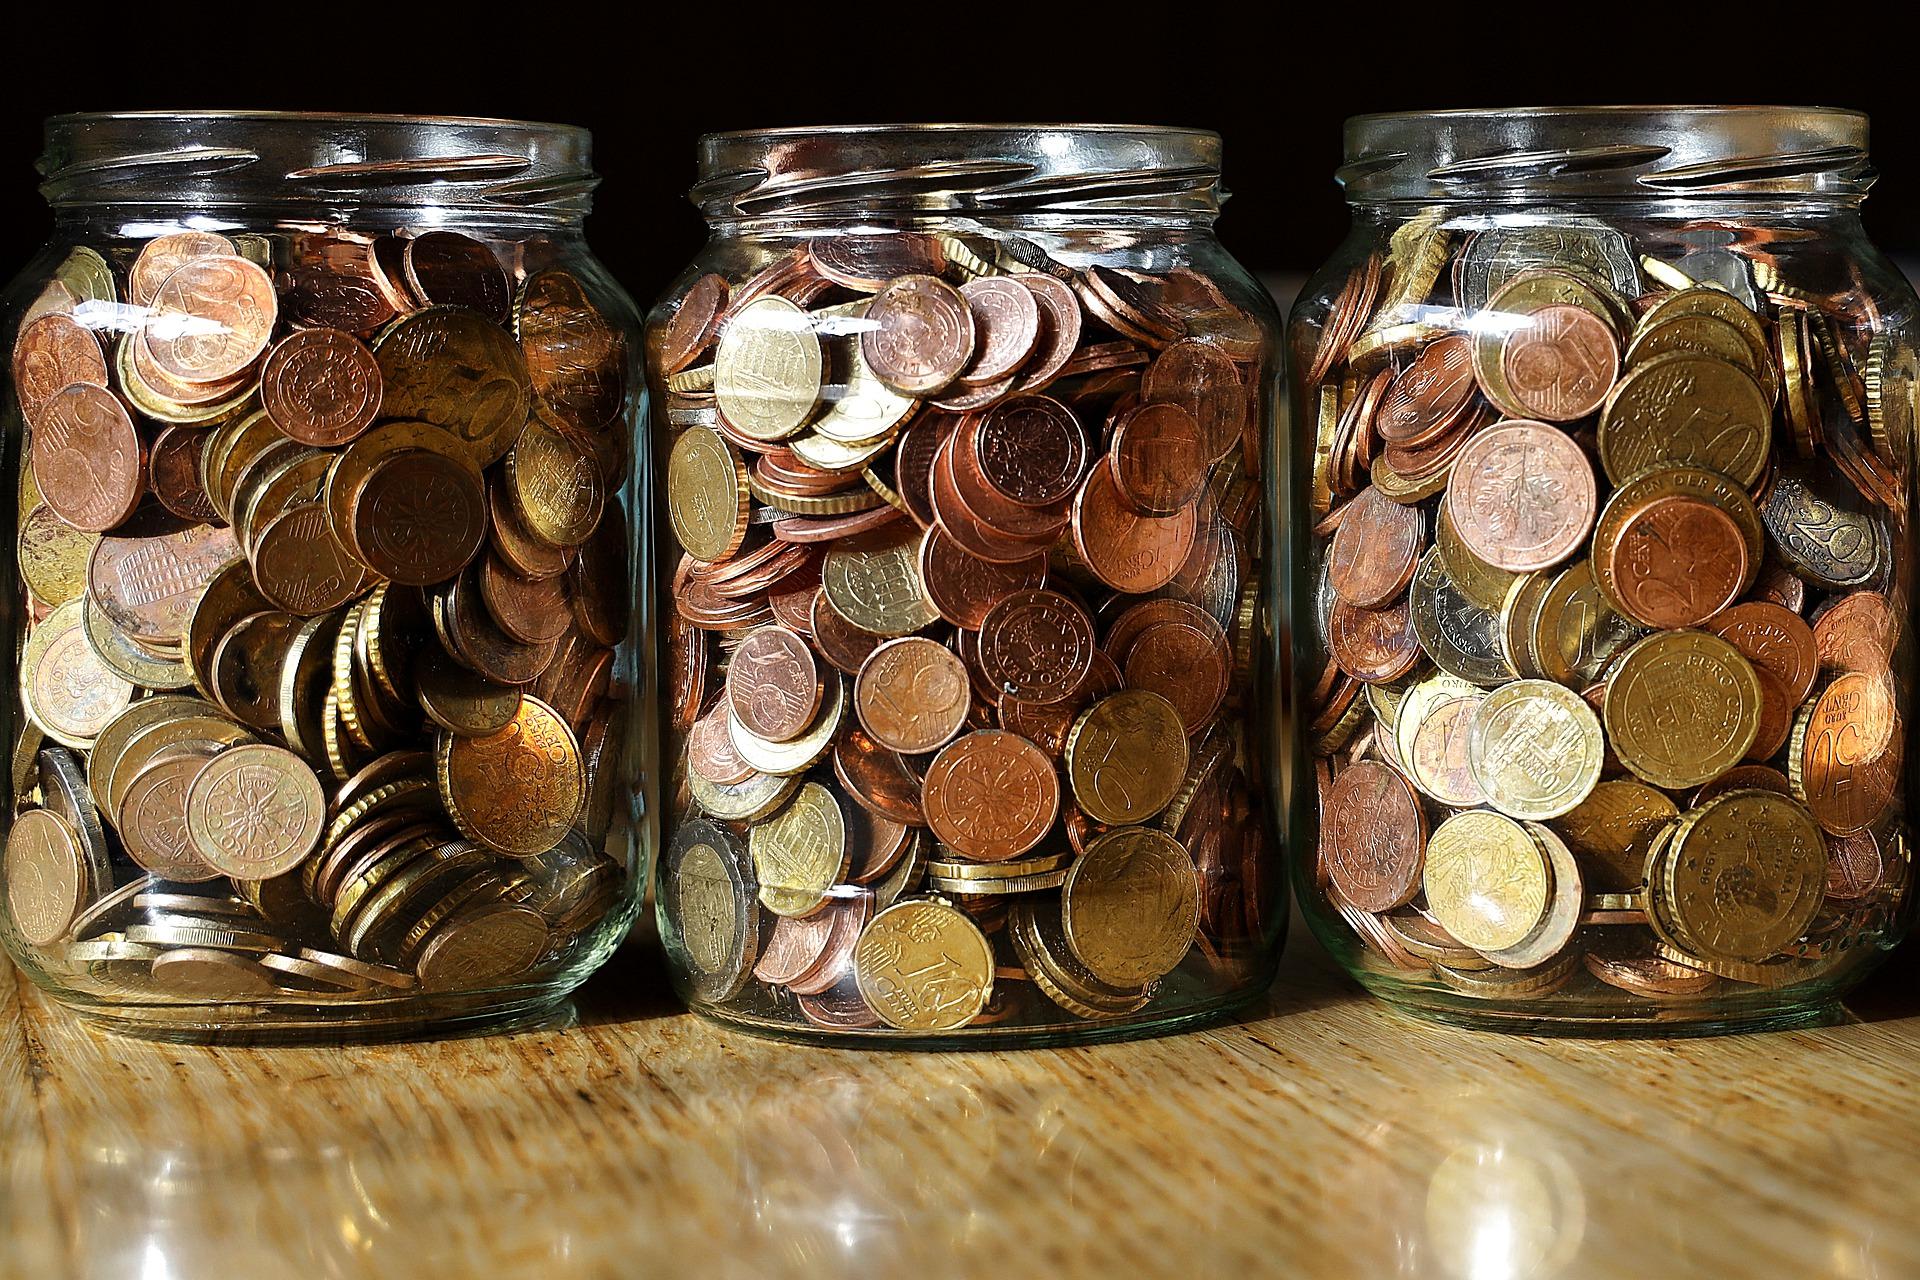 Die Frage wie wird man schuldenfrei beantwortet das gesparte Geld, welches hier zu sehen ist